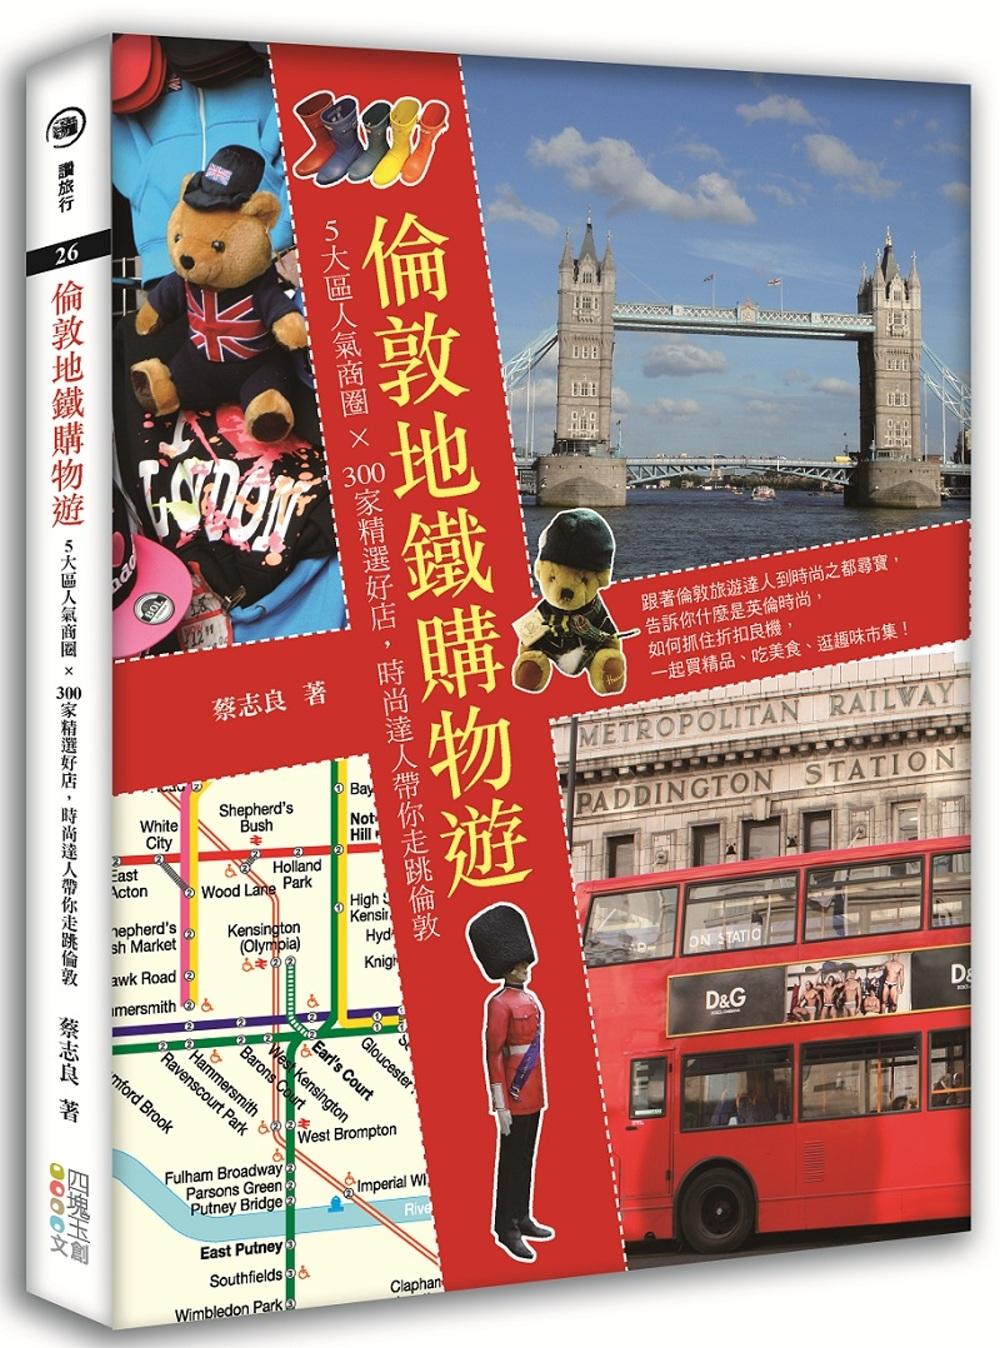 倫敦地鐵購物遊:5大區人氣商圈x300家精選好店,時尚達人帶你走跳倫敦